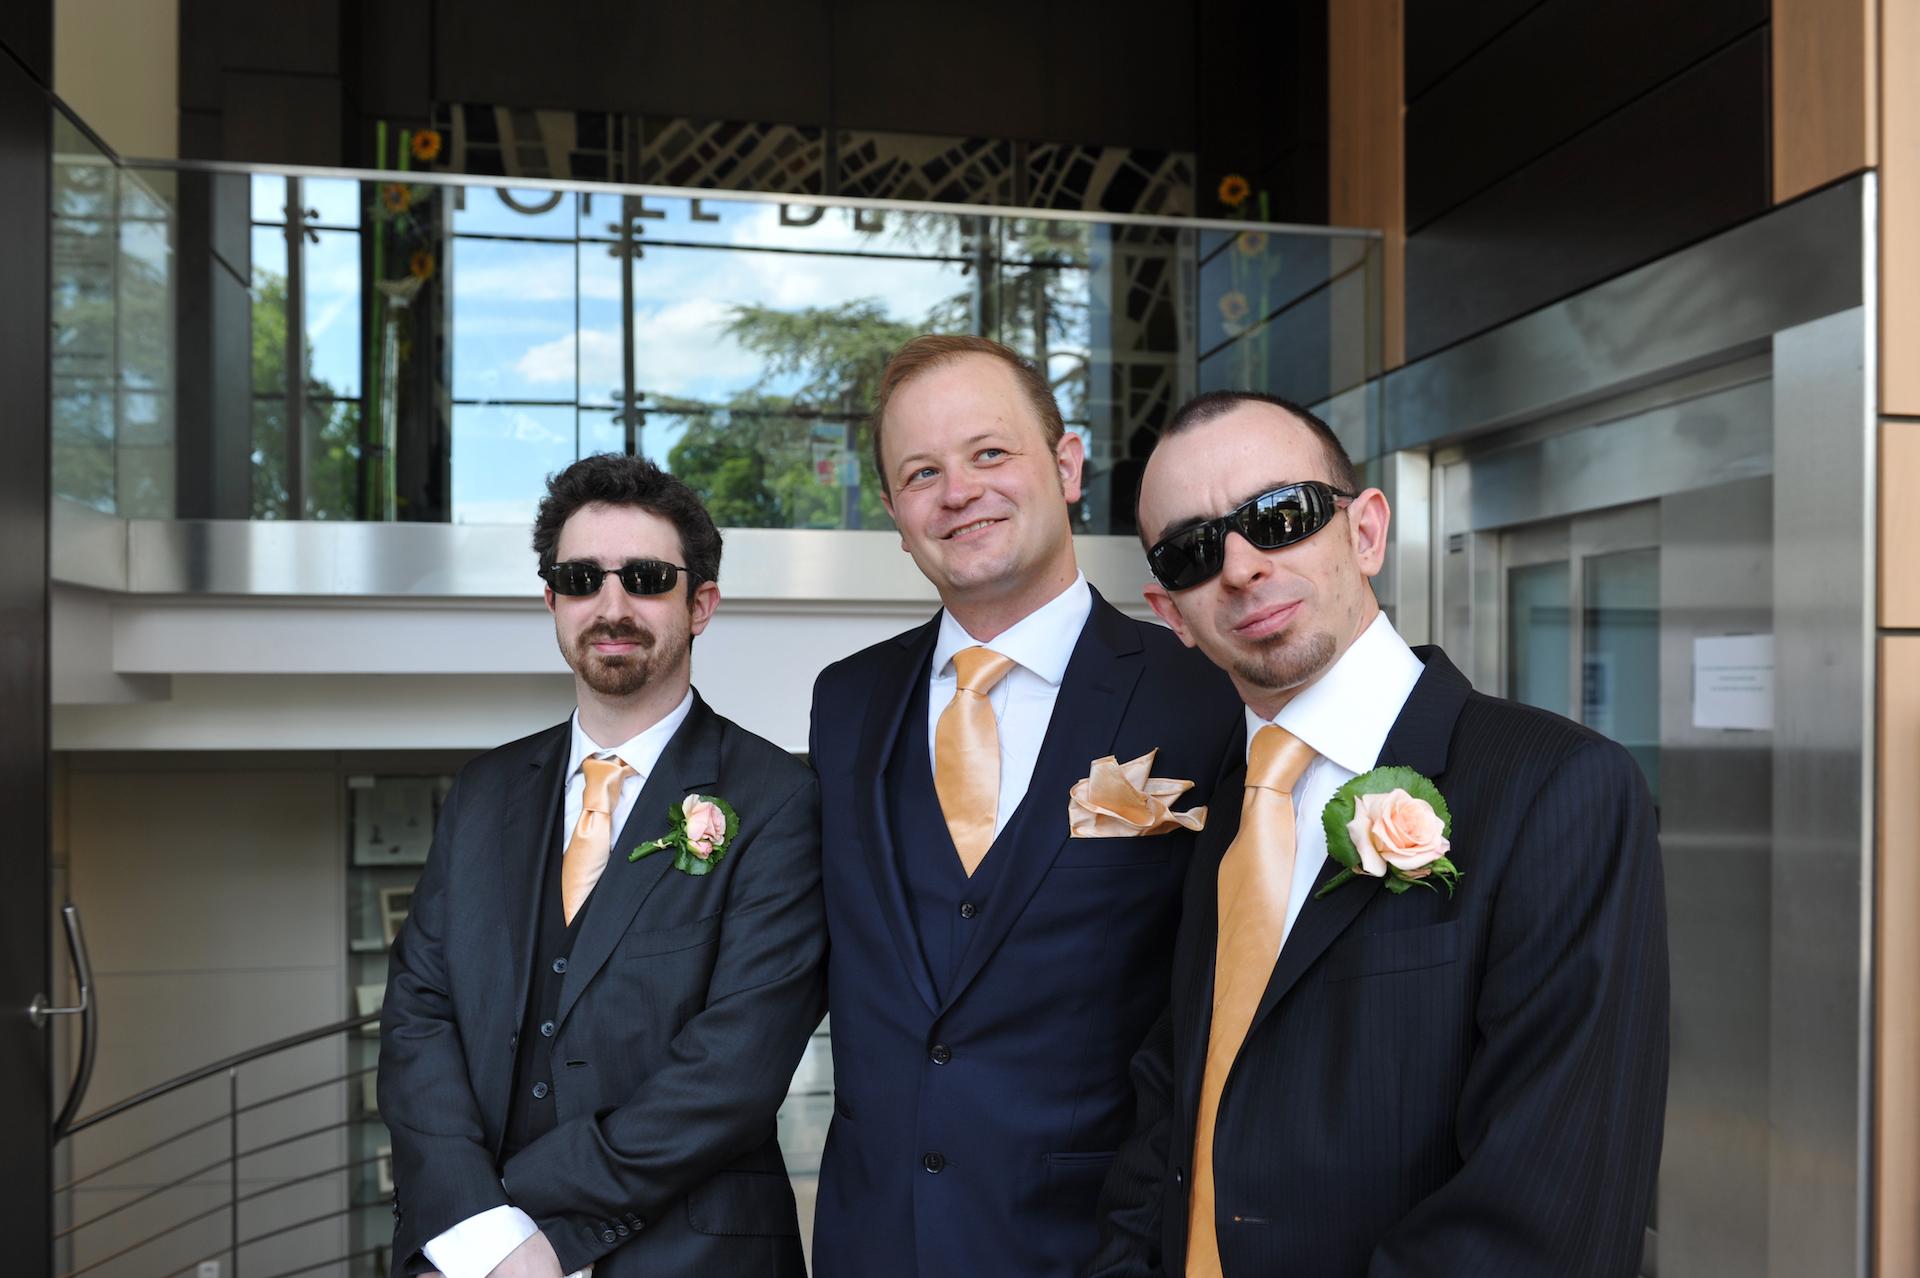 JLB Photo photographie de mariage, les invités pendant la journée